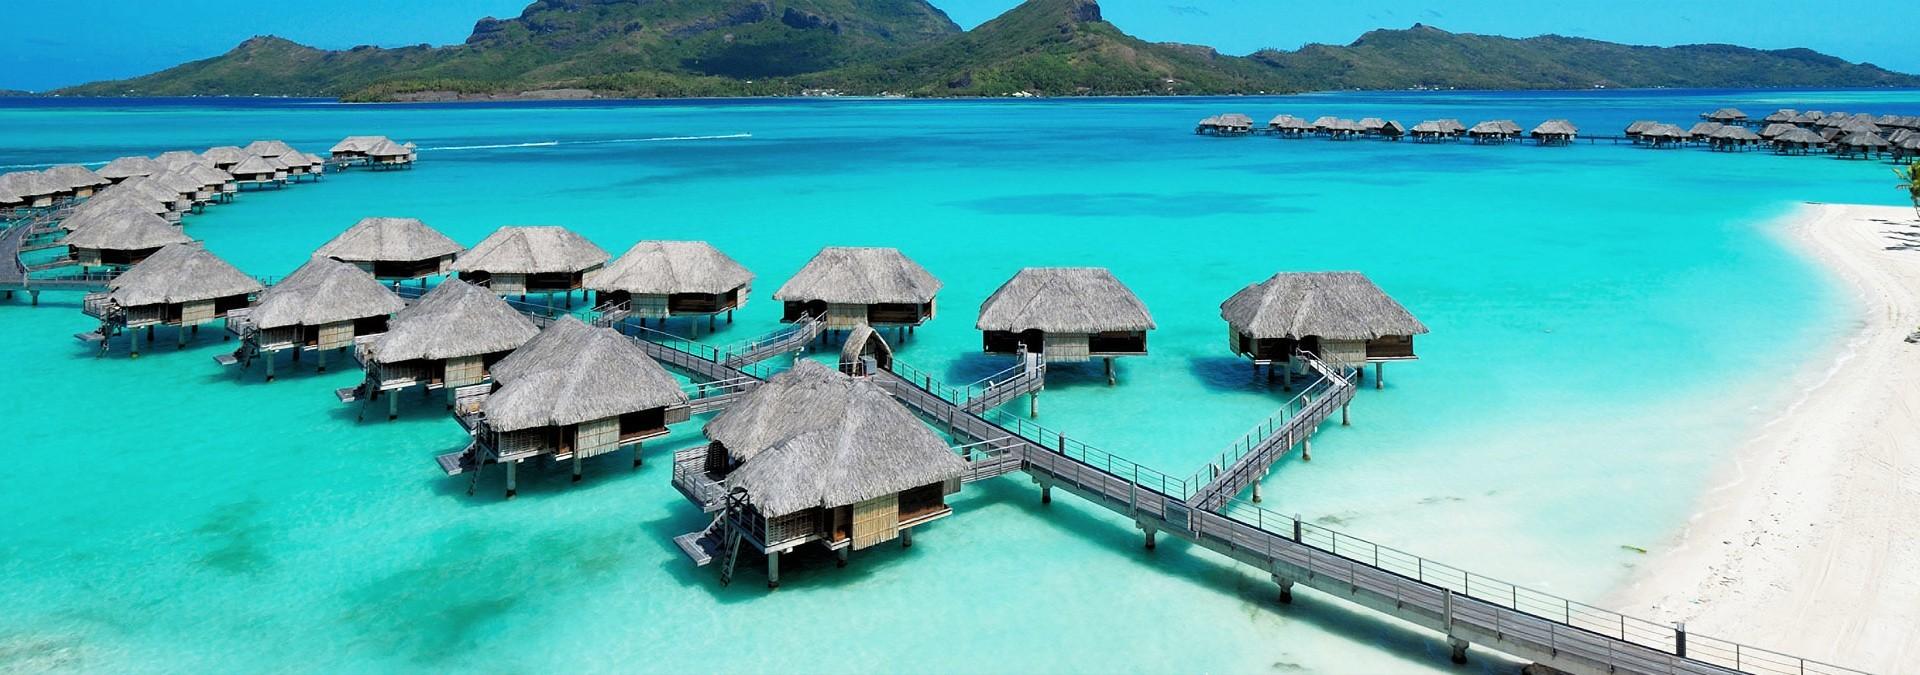 Clase Turista | Viajes y Turismo